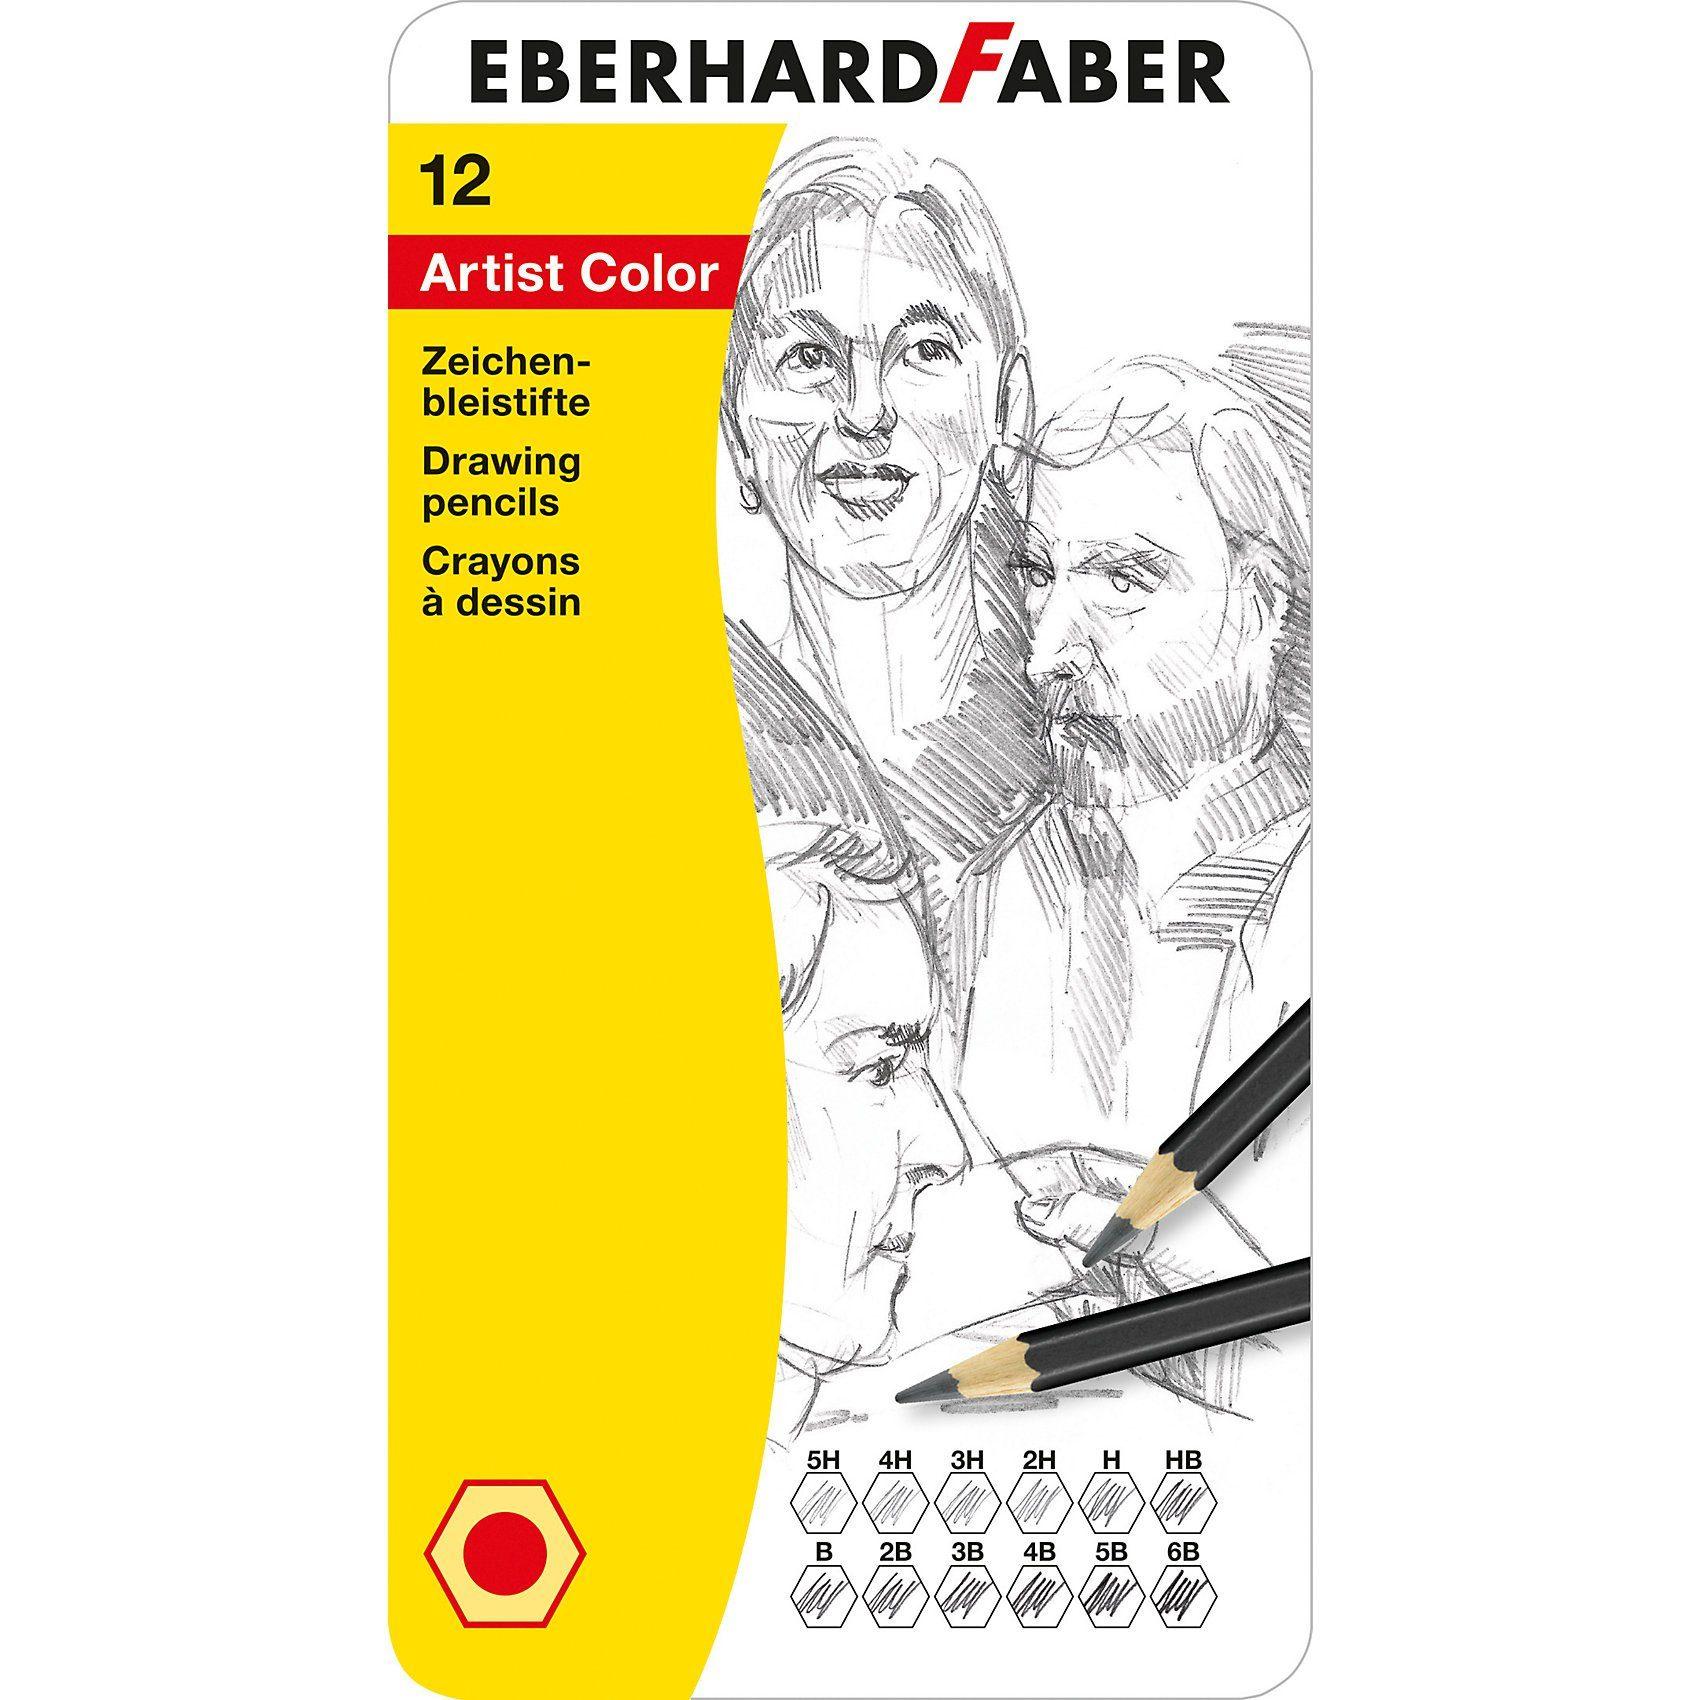 Eberhard Faber Zeichenbleistifte, 12 Farben